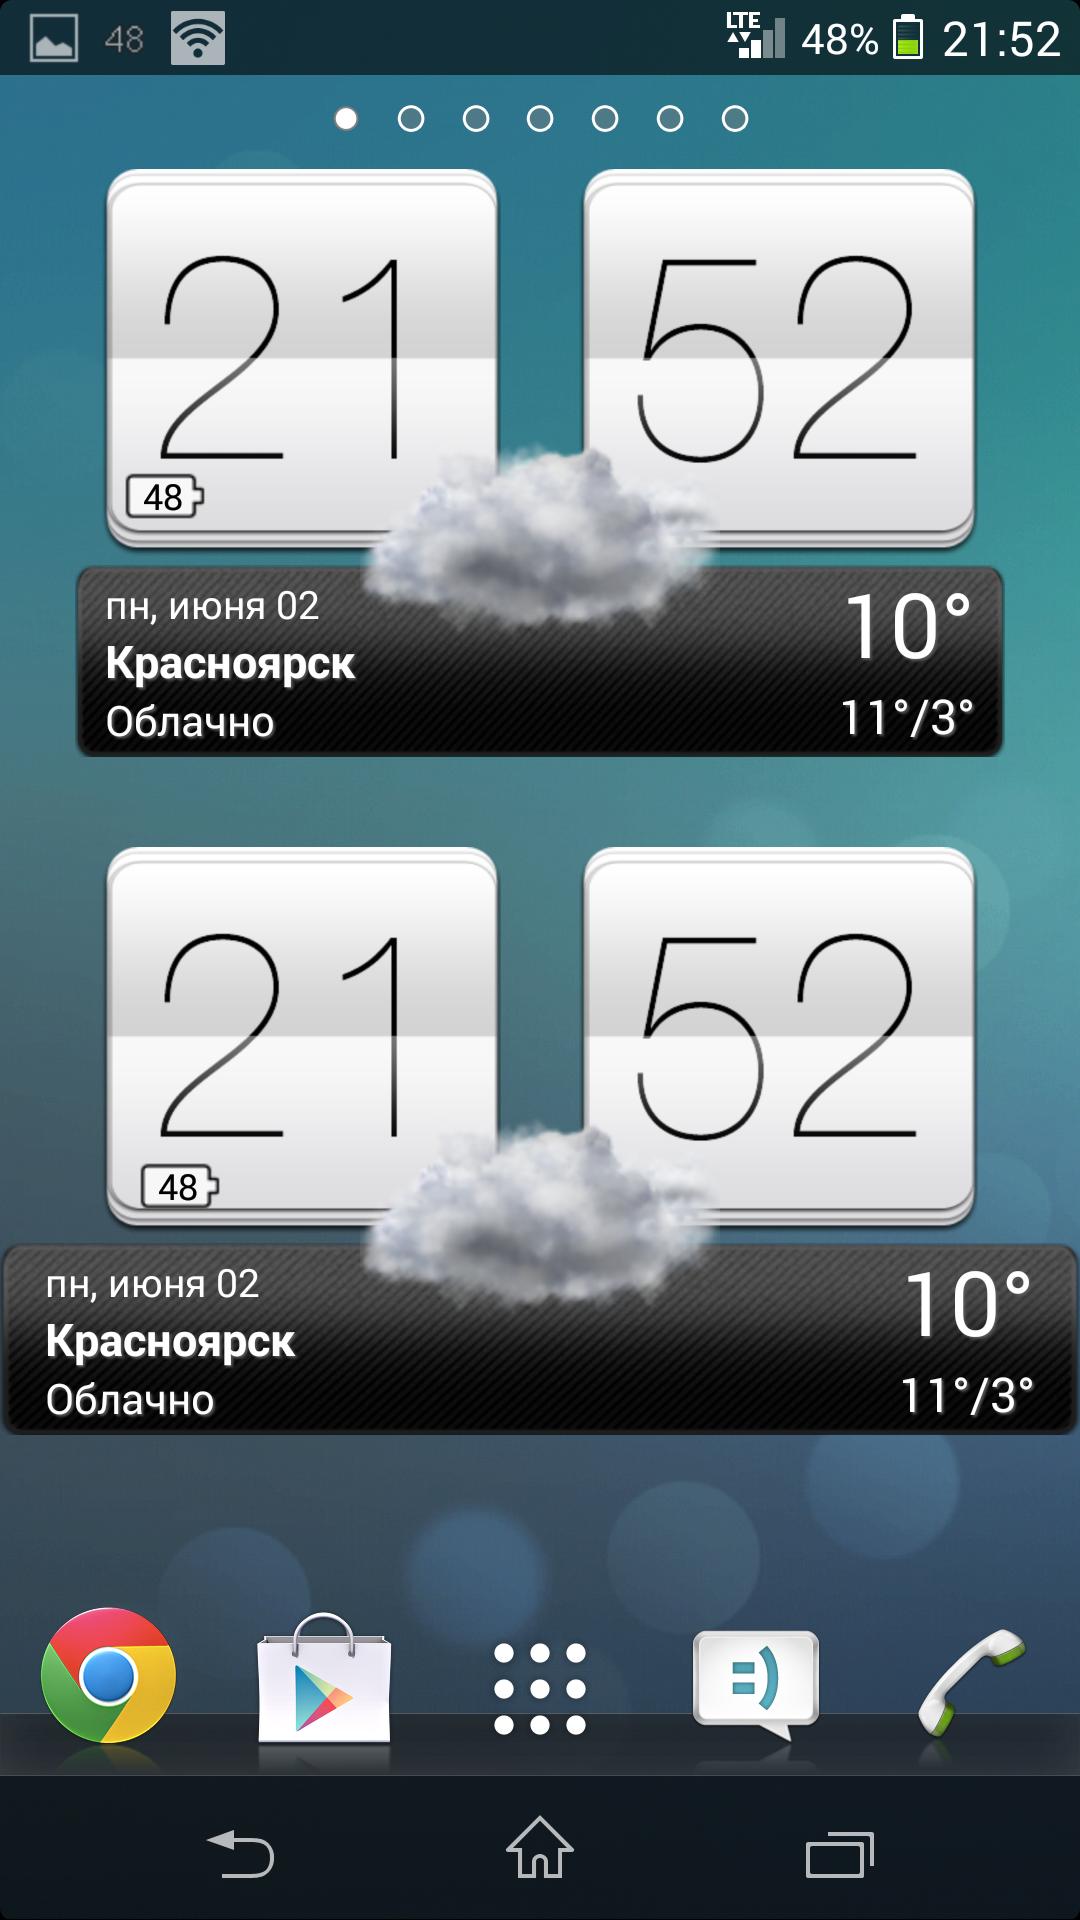 Погода в пестово на 10 дней